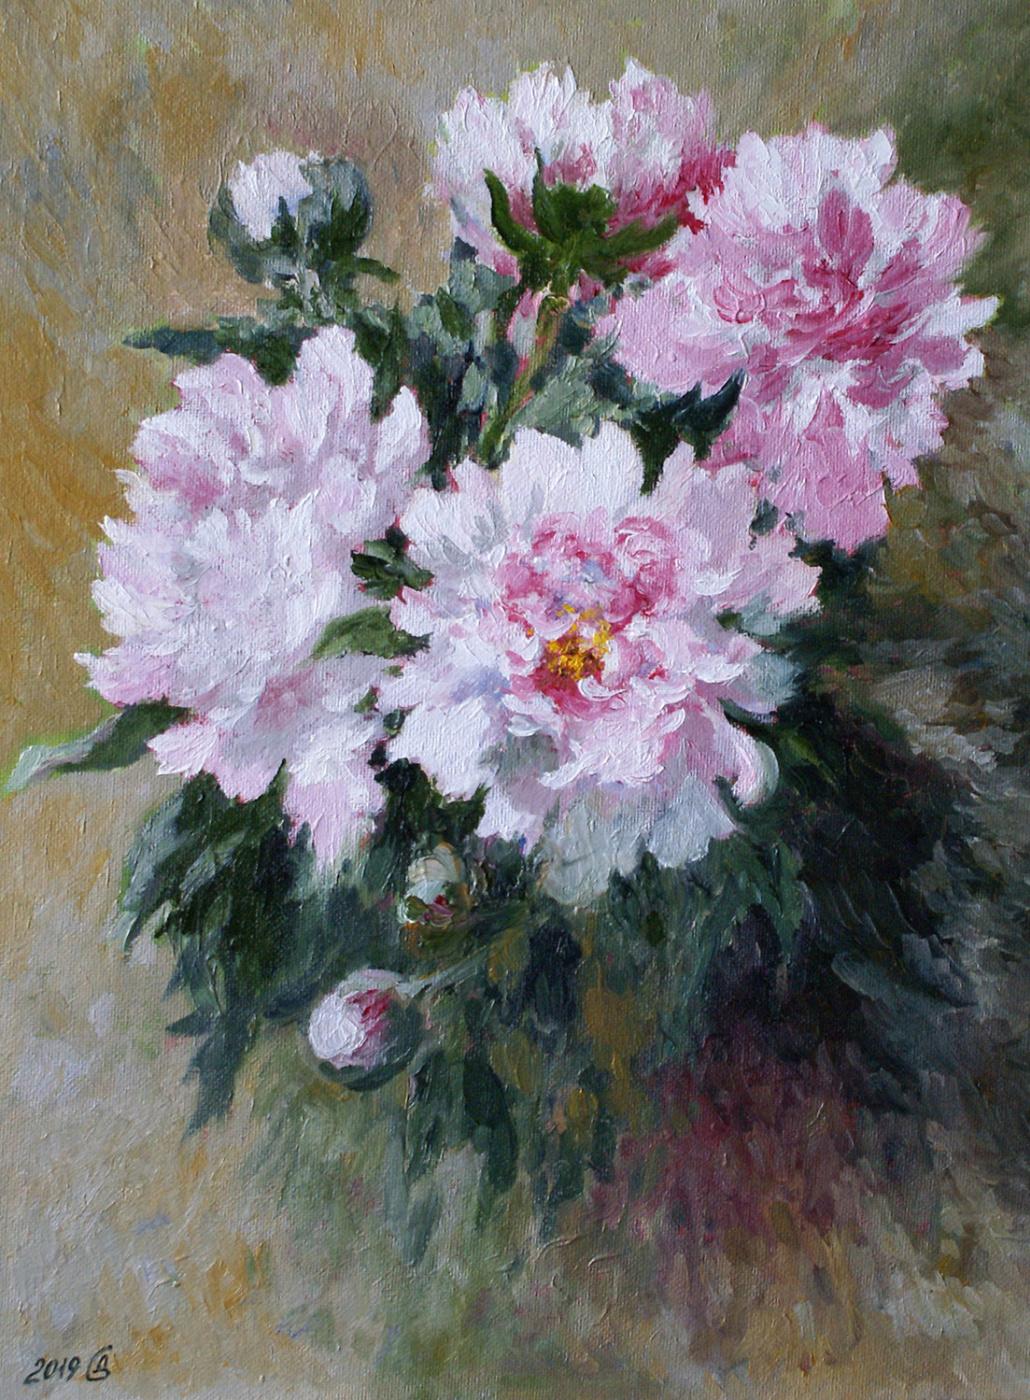 Сергей Владимирович Дорофеев. White peonies bloom